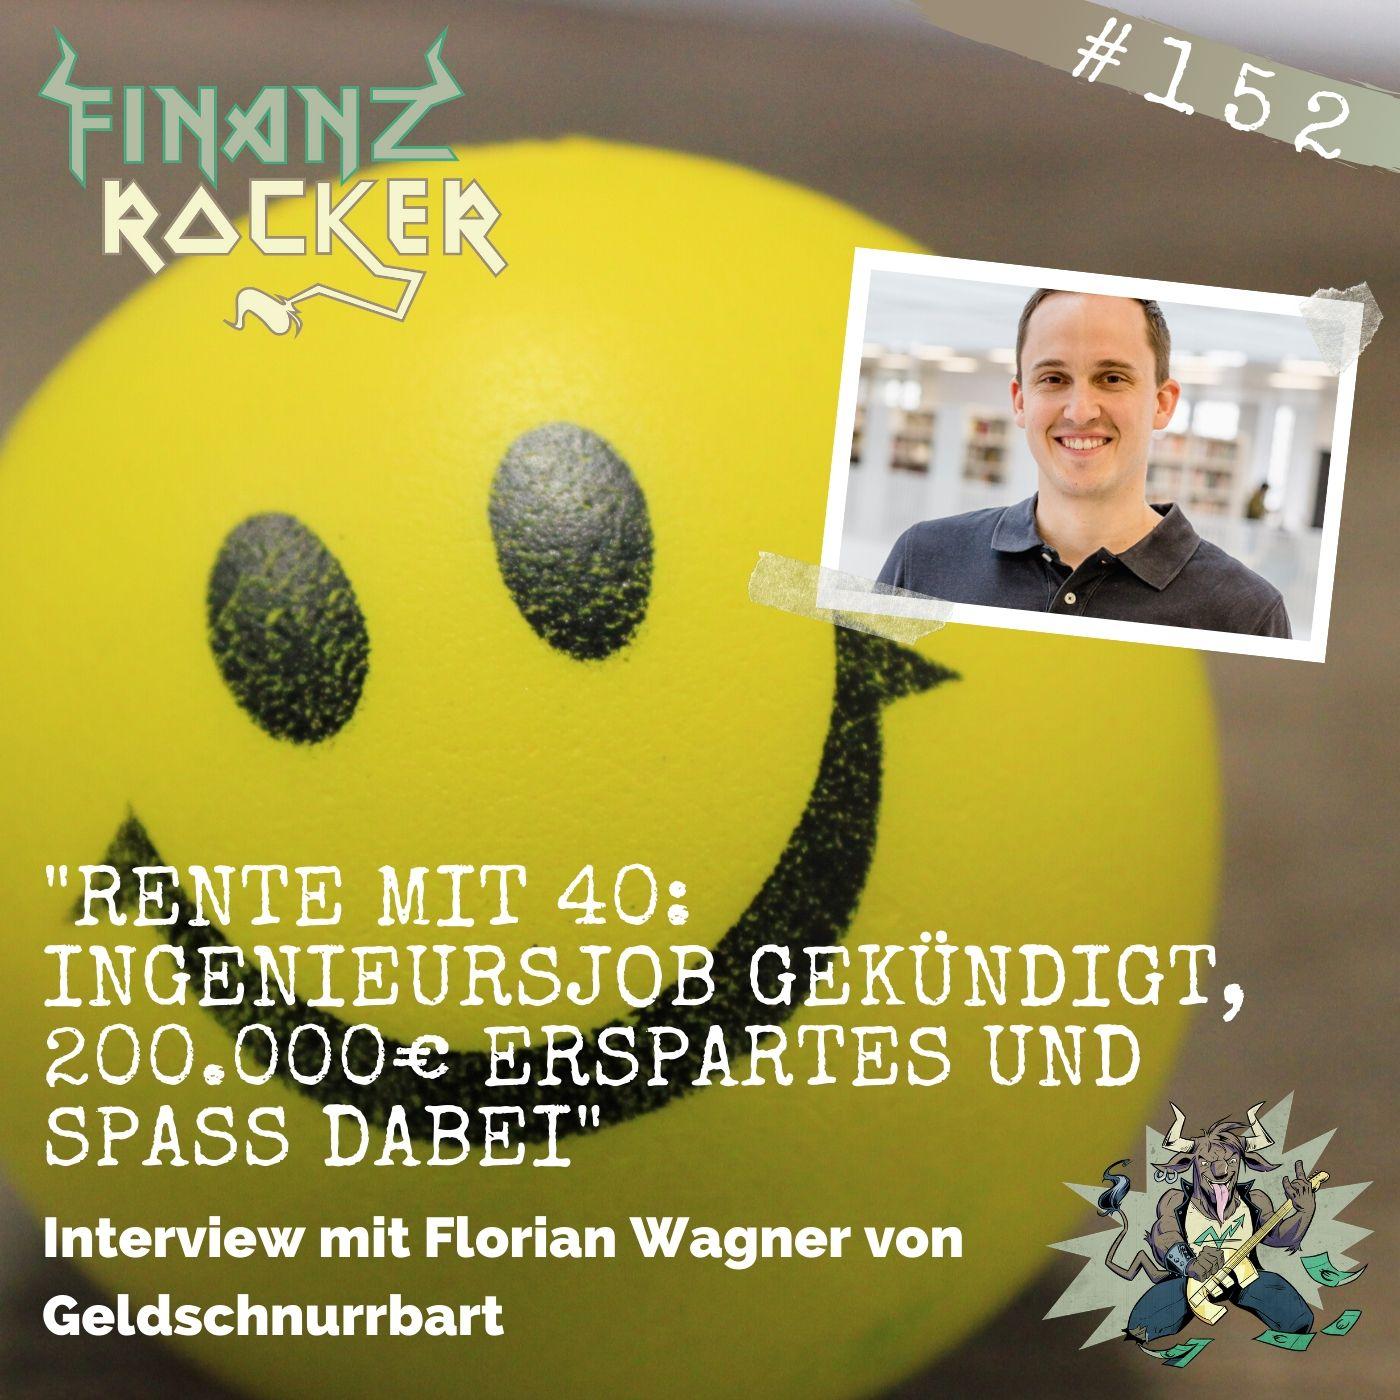 """Folge 152: """"Rente mit 40: Ingenieursjob gekündigt, 200.000€ Erspartes und Spaß dabei"""" - Interview mit Florian Wagner"""